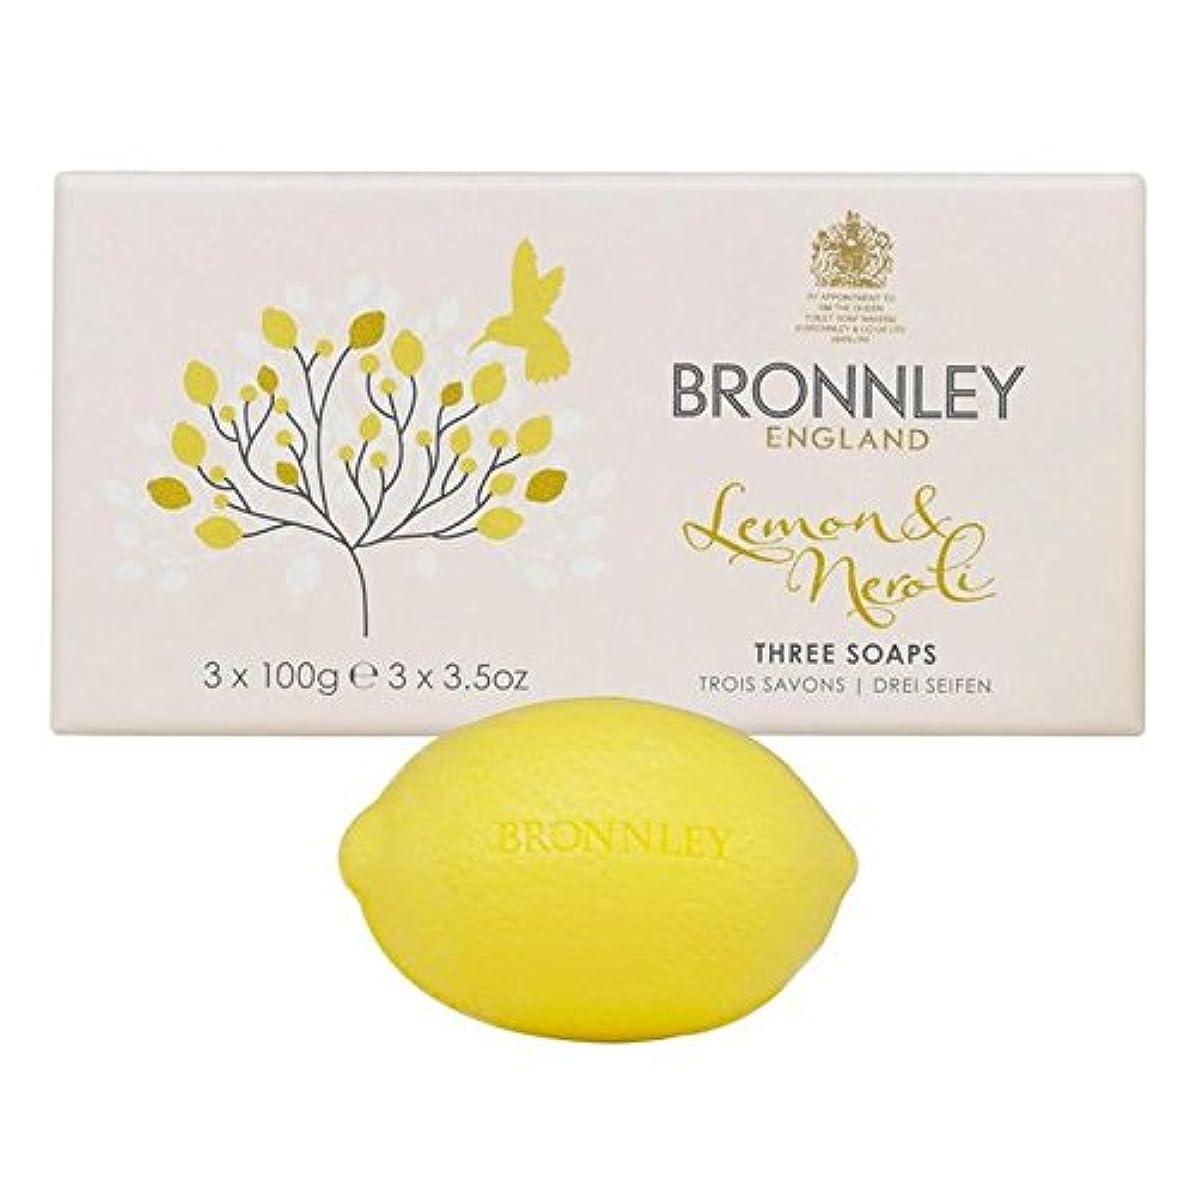 エイリアス給料業界Bronnley Lemon & Neroli Soaps 3 x 100g - レモン&ネロリ石鹸3×100グラム [並行輸入品]